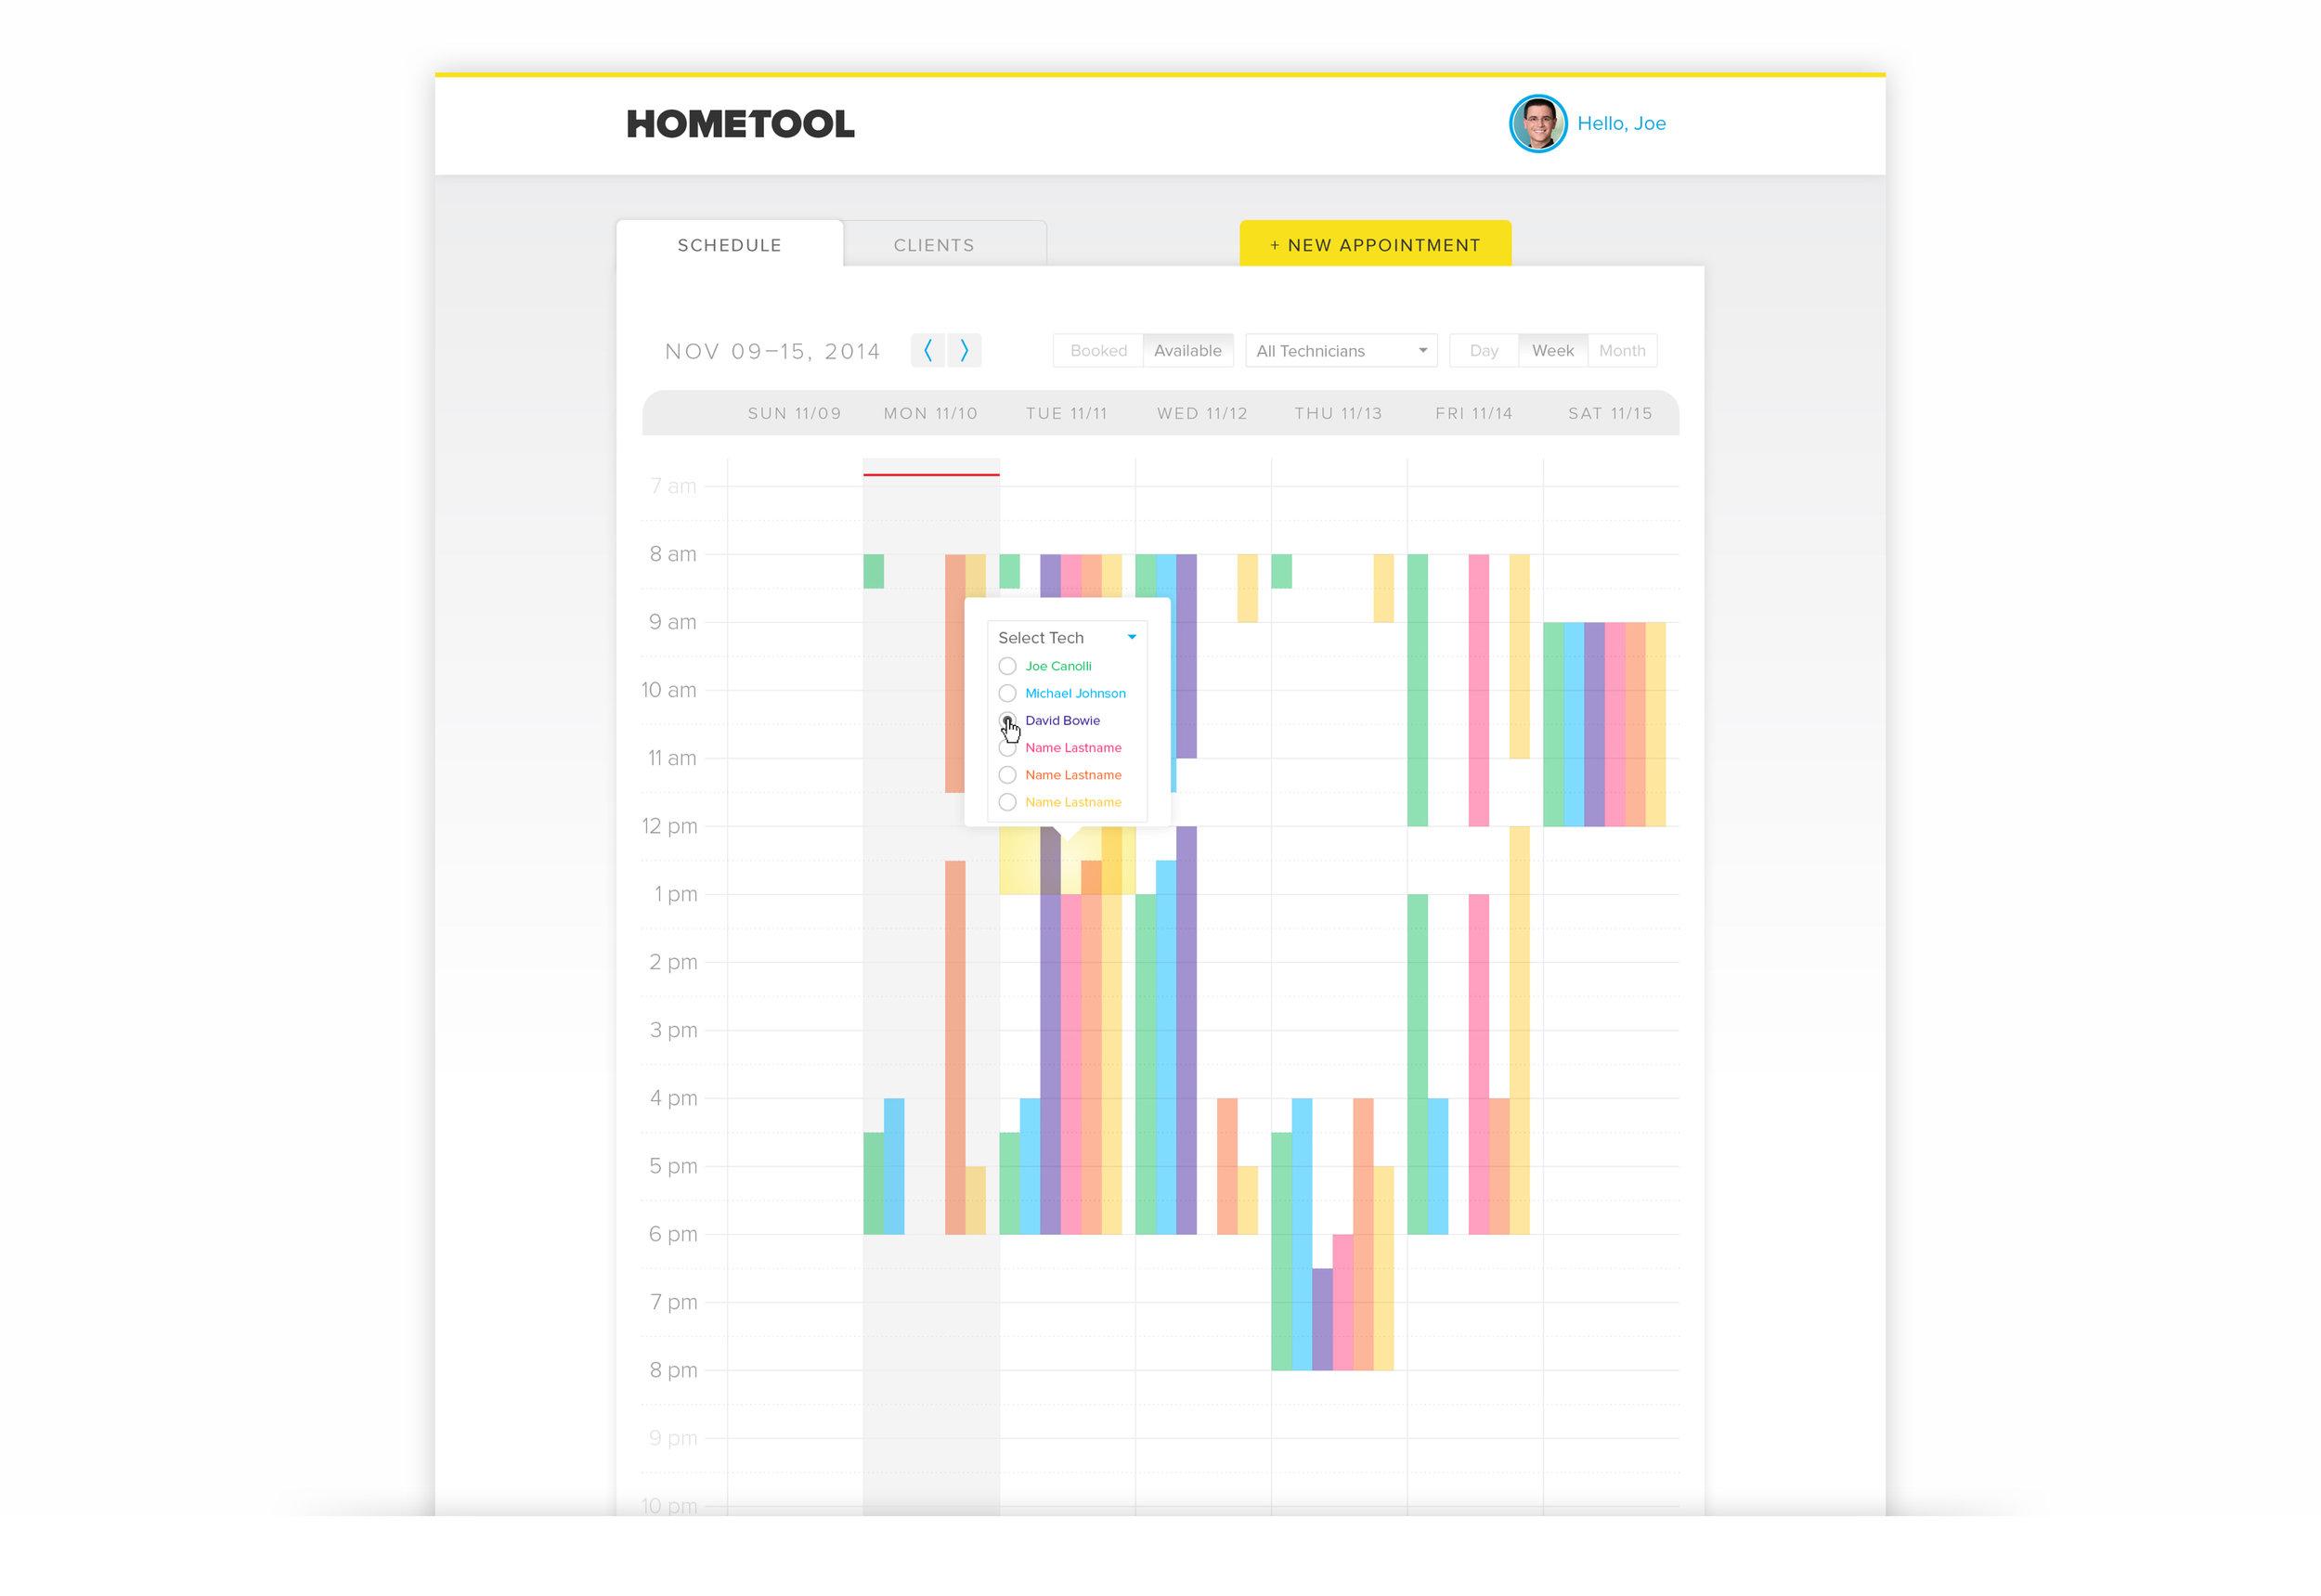 hometool_calendar-03@2x.jpg